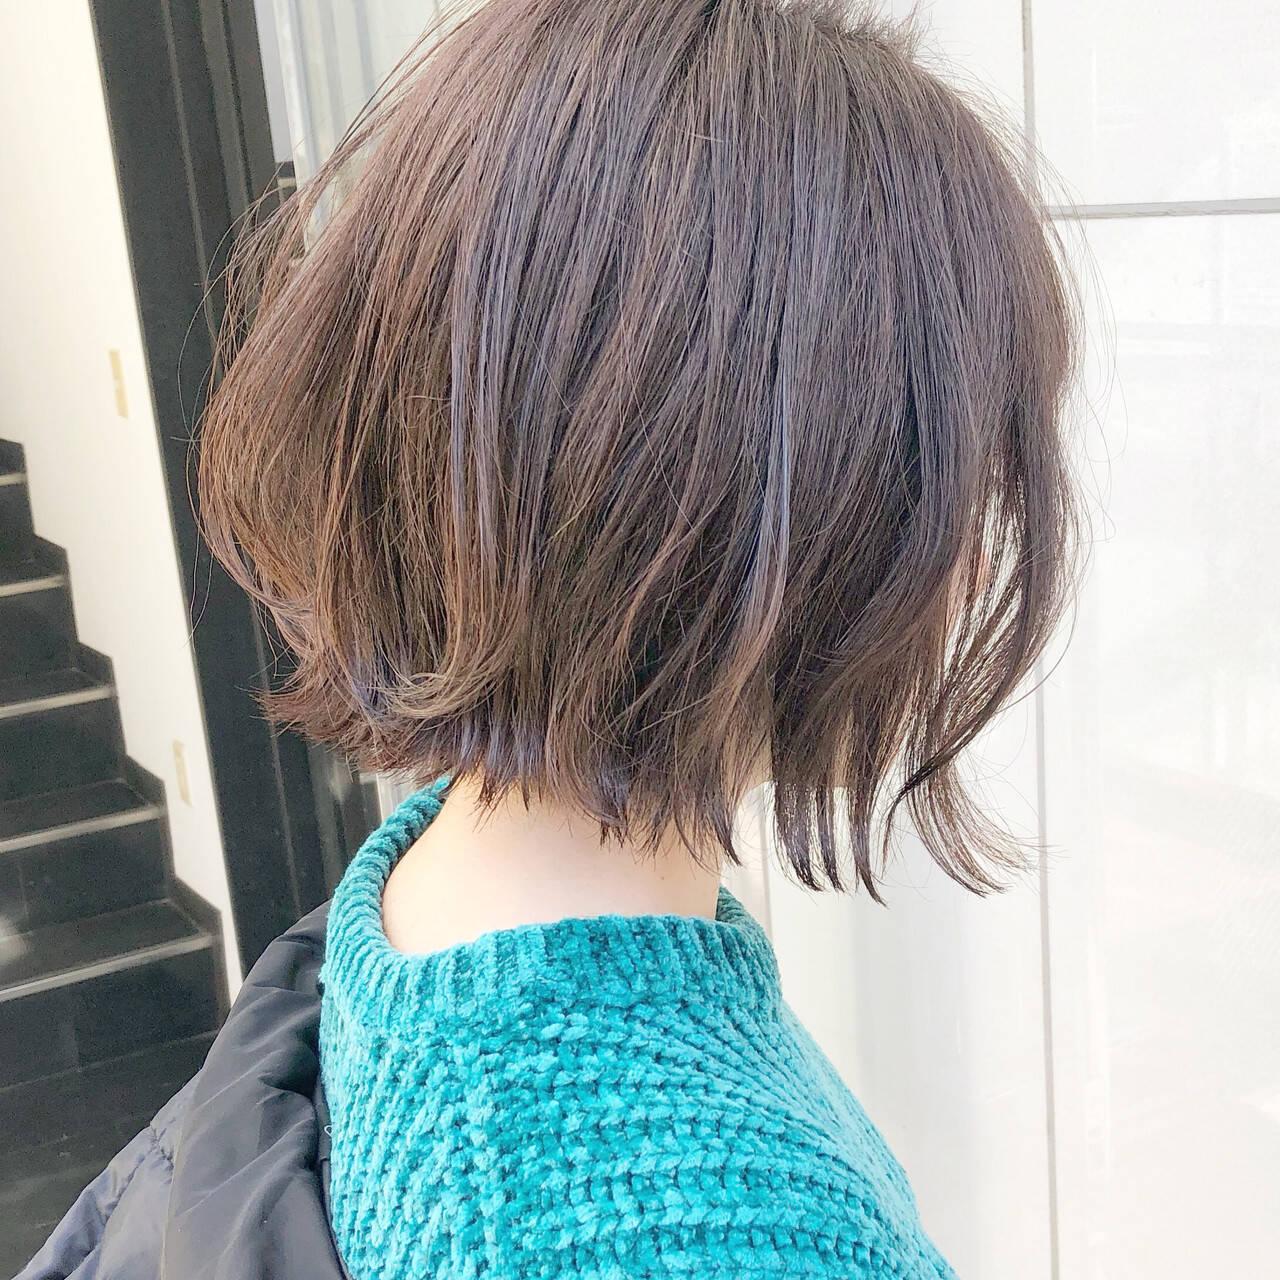 簡単ヘアアレンジ フェミニン ヘアアレンジ アンニュイほつれヘアヘアスタイルや髪型の写真・画像